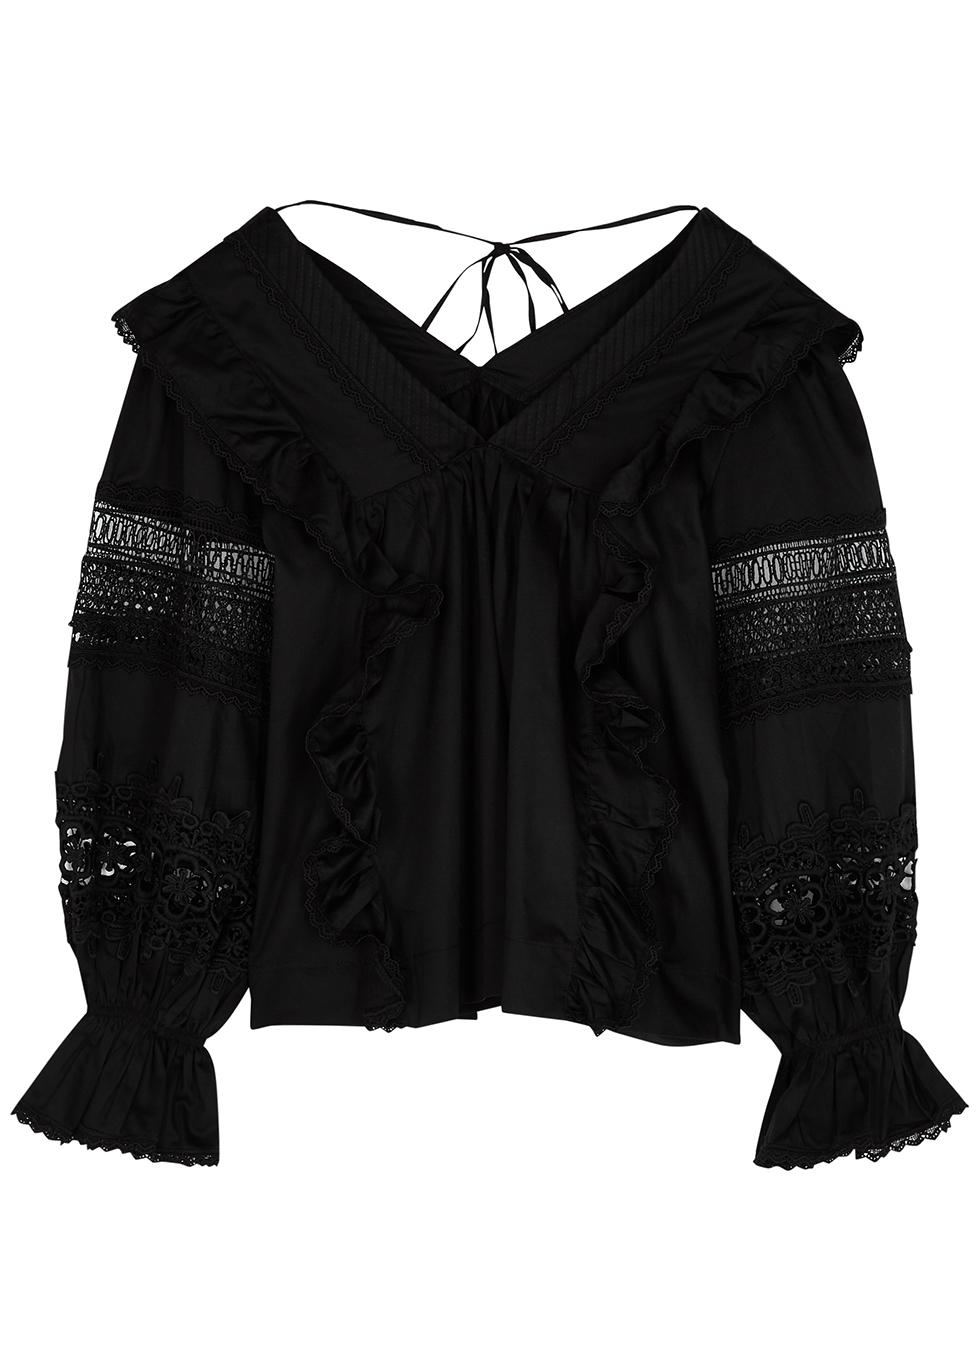 Carla black lace-trimmed cotton blouse